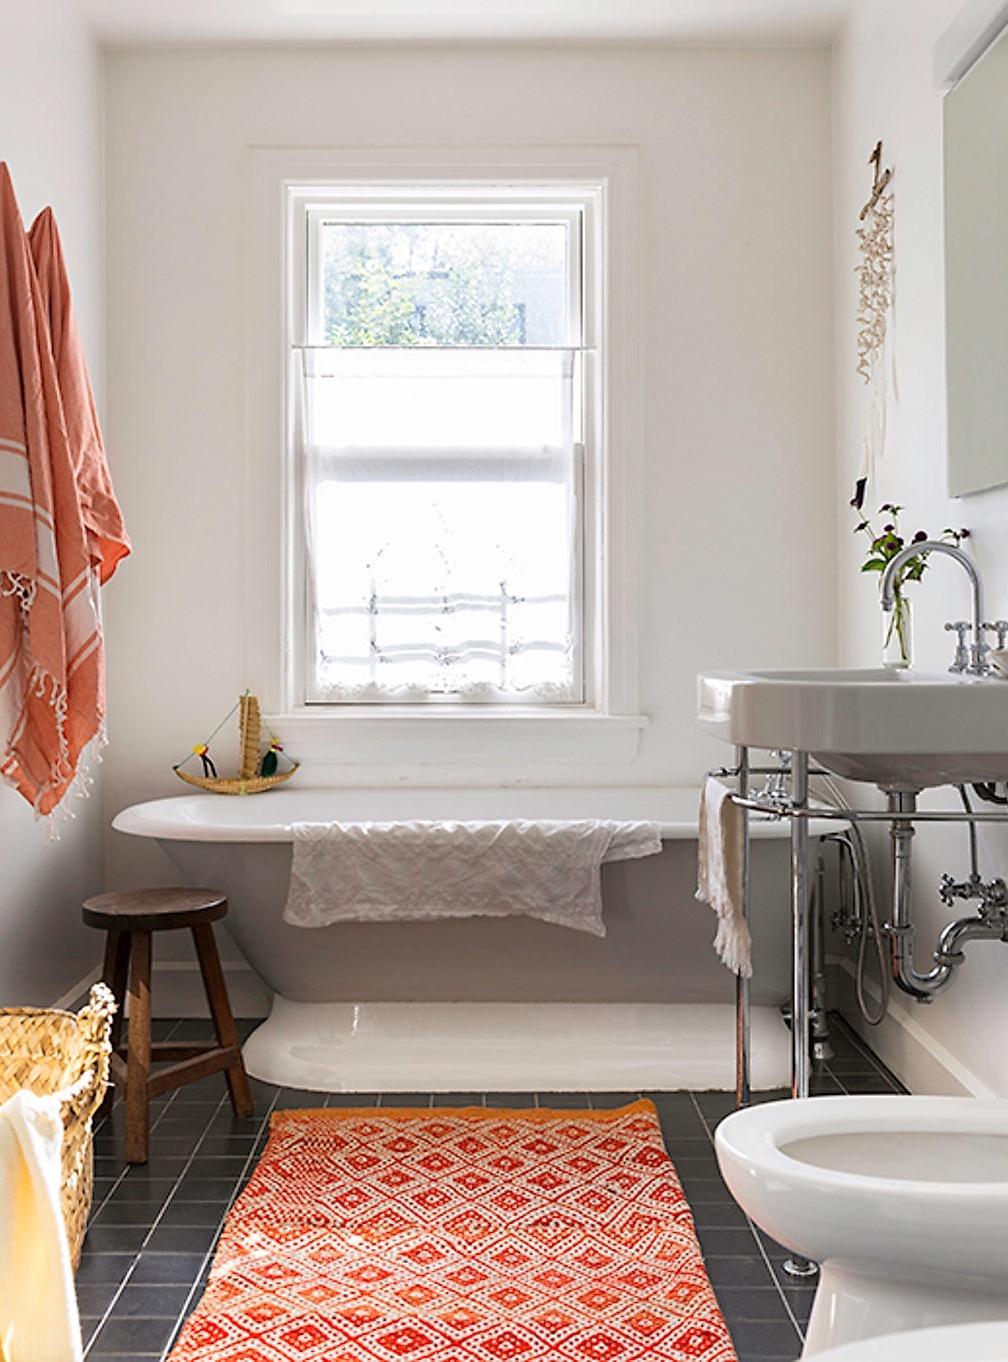 ванная комната окно ванна раковина унитаз корзина коврик черная плитка